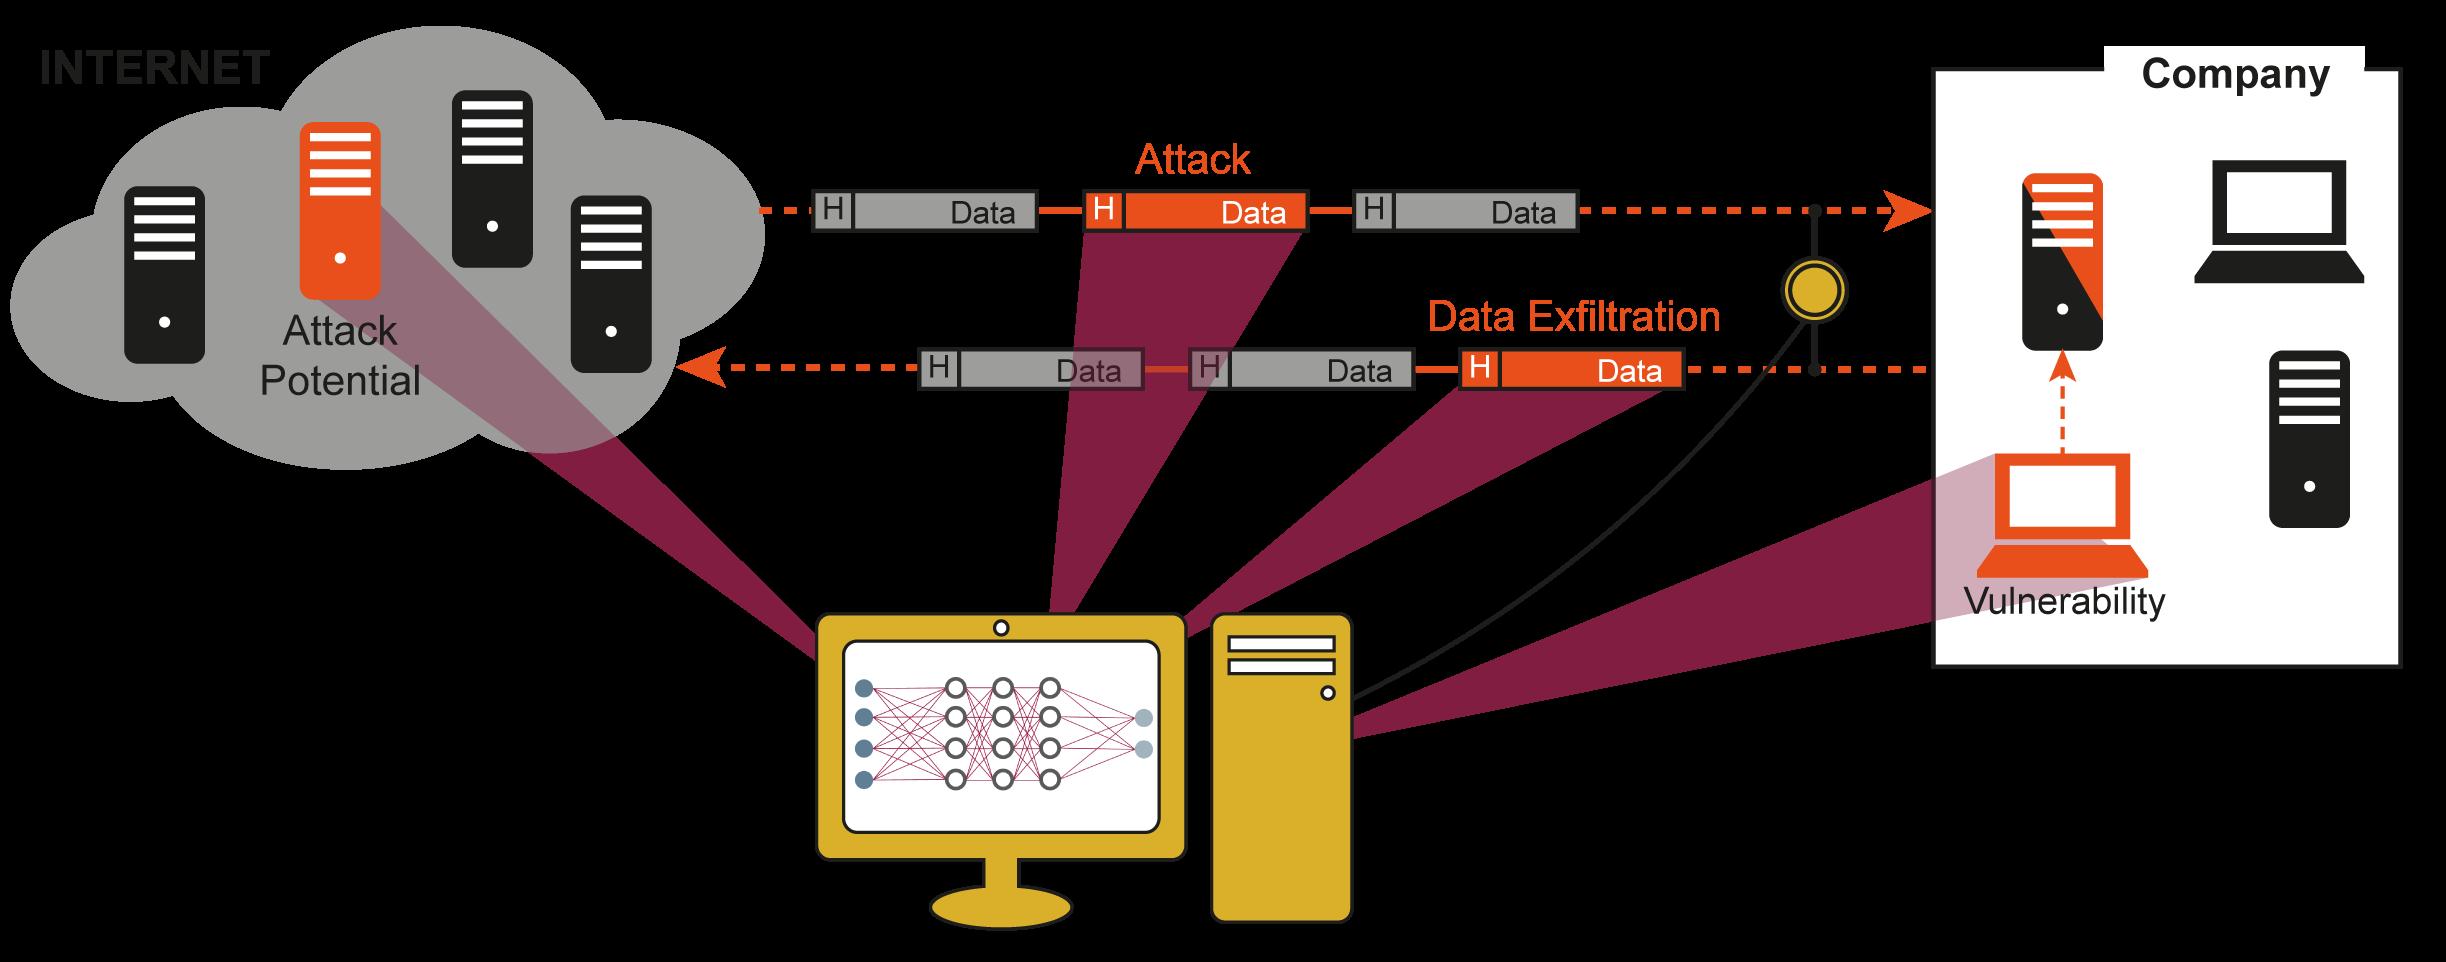 """Symbol für """"Cyber-Sicherheits-Frühwarnsystem"""" – Glossar Cyber-Sicherheit – Prof. Norbert Pohlmann"""